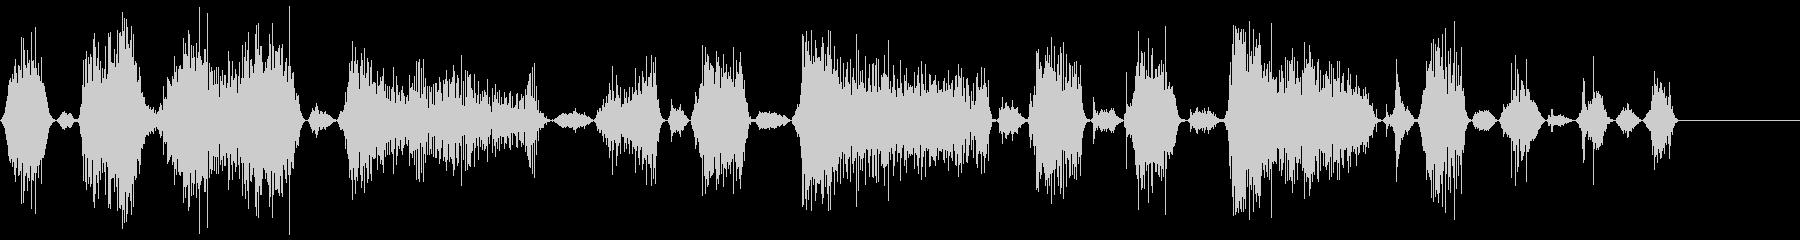 モンスターの長いうなり声1の未再生の波形